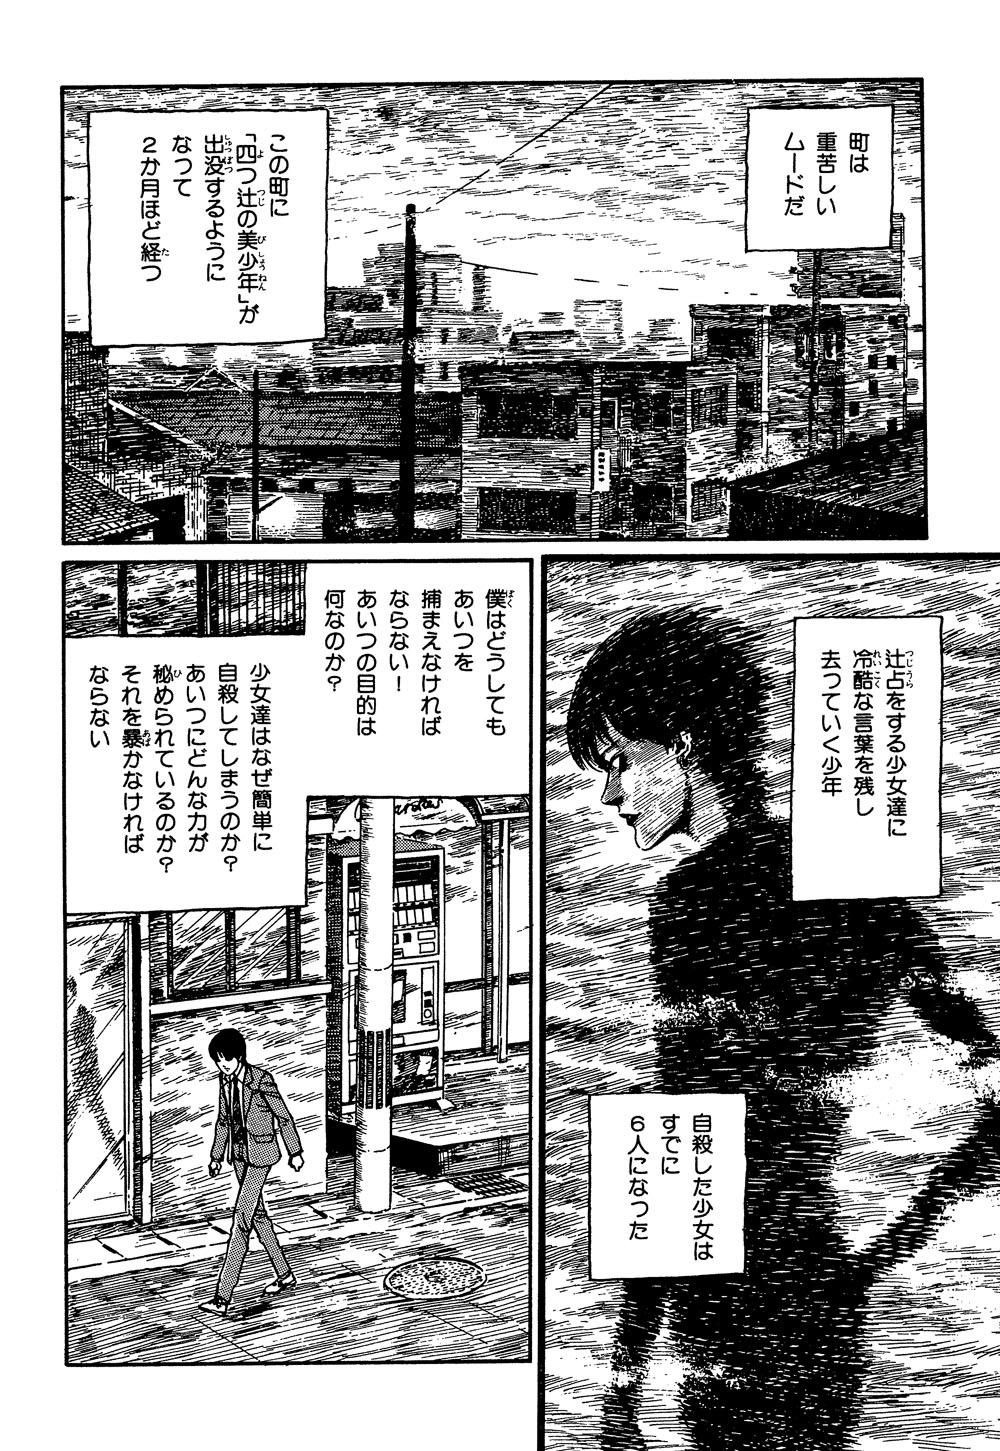 itouj_0004_0072.jpg